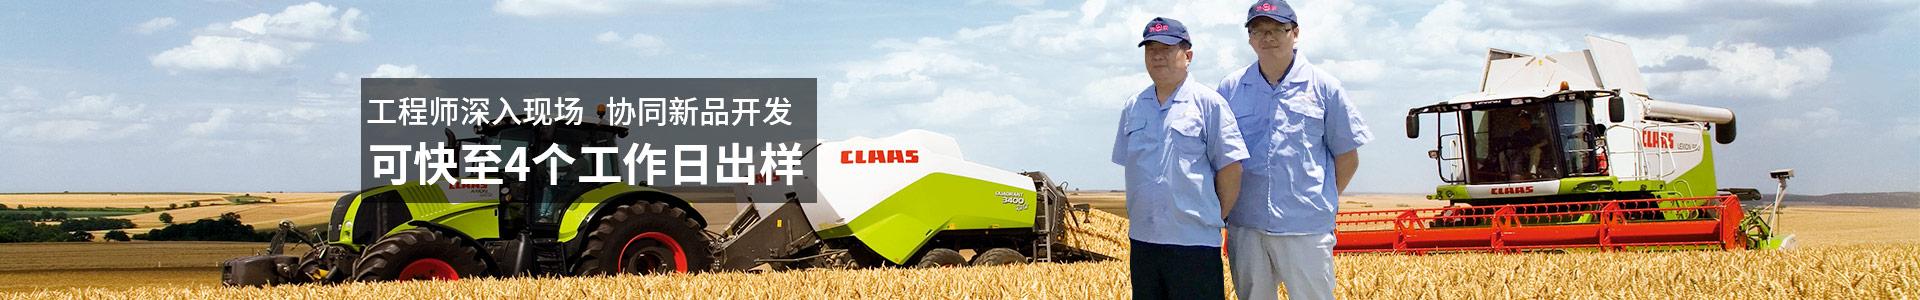 联农工程师深入现场、协同新品开发